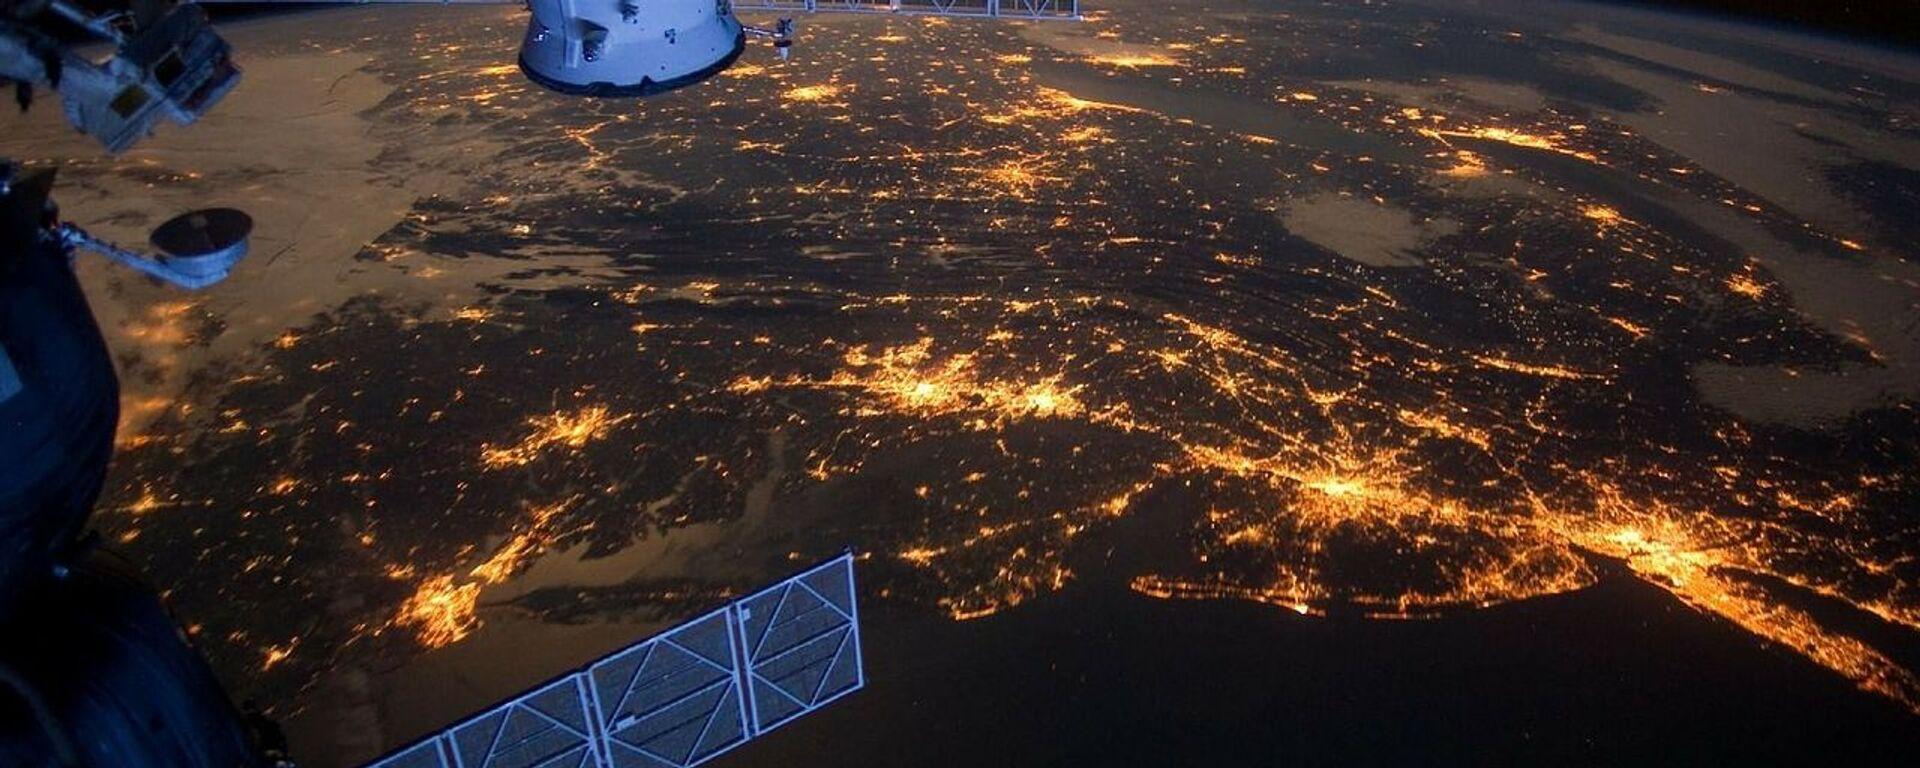 Satélite en el espacio  - Sputnik Mundo, 1920, 18.08.2020